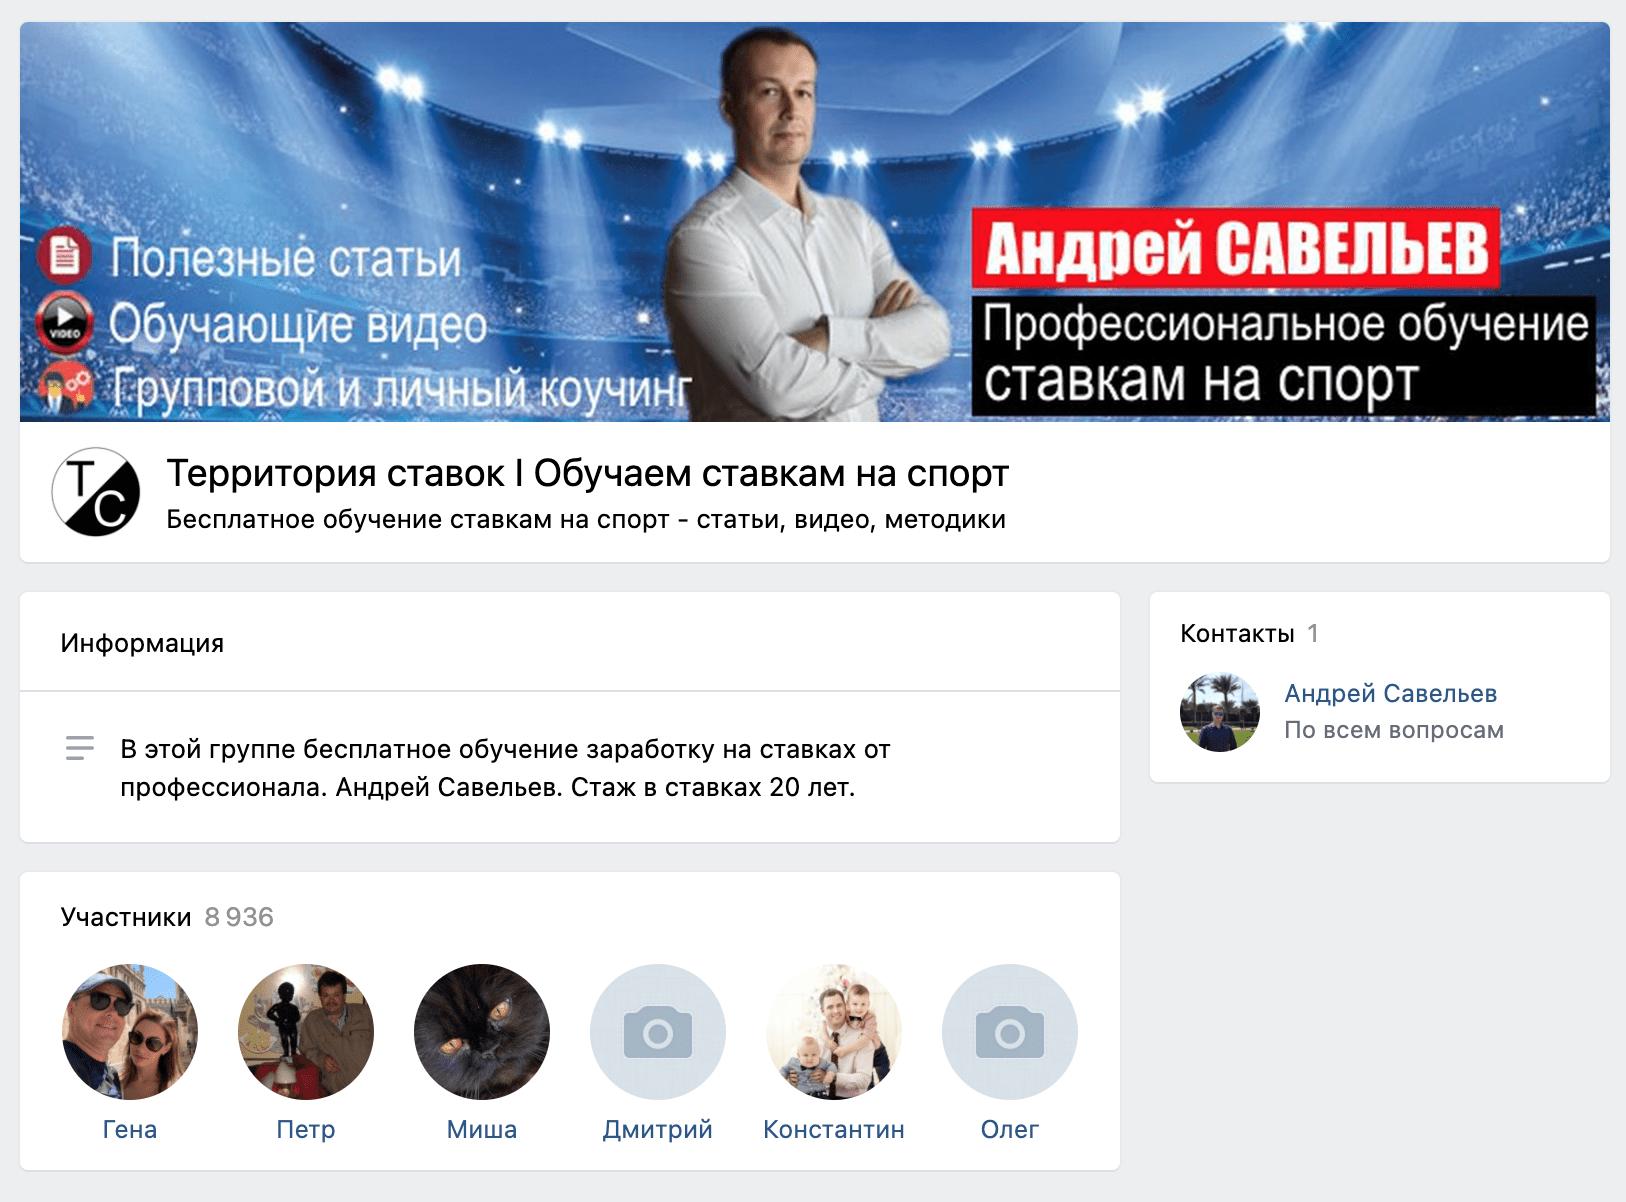 Группа ВК Территория ставок с Андреем Савельевым